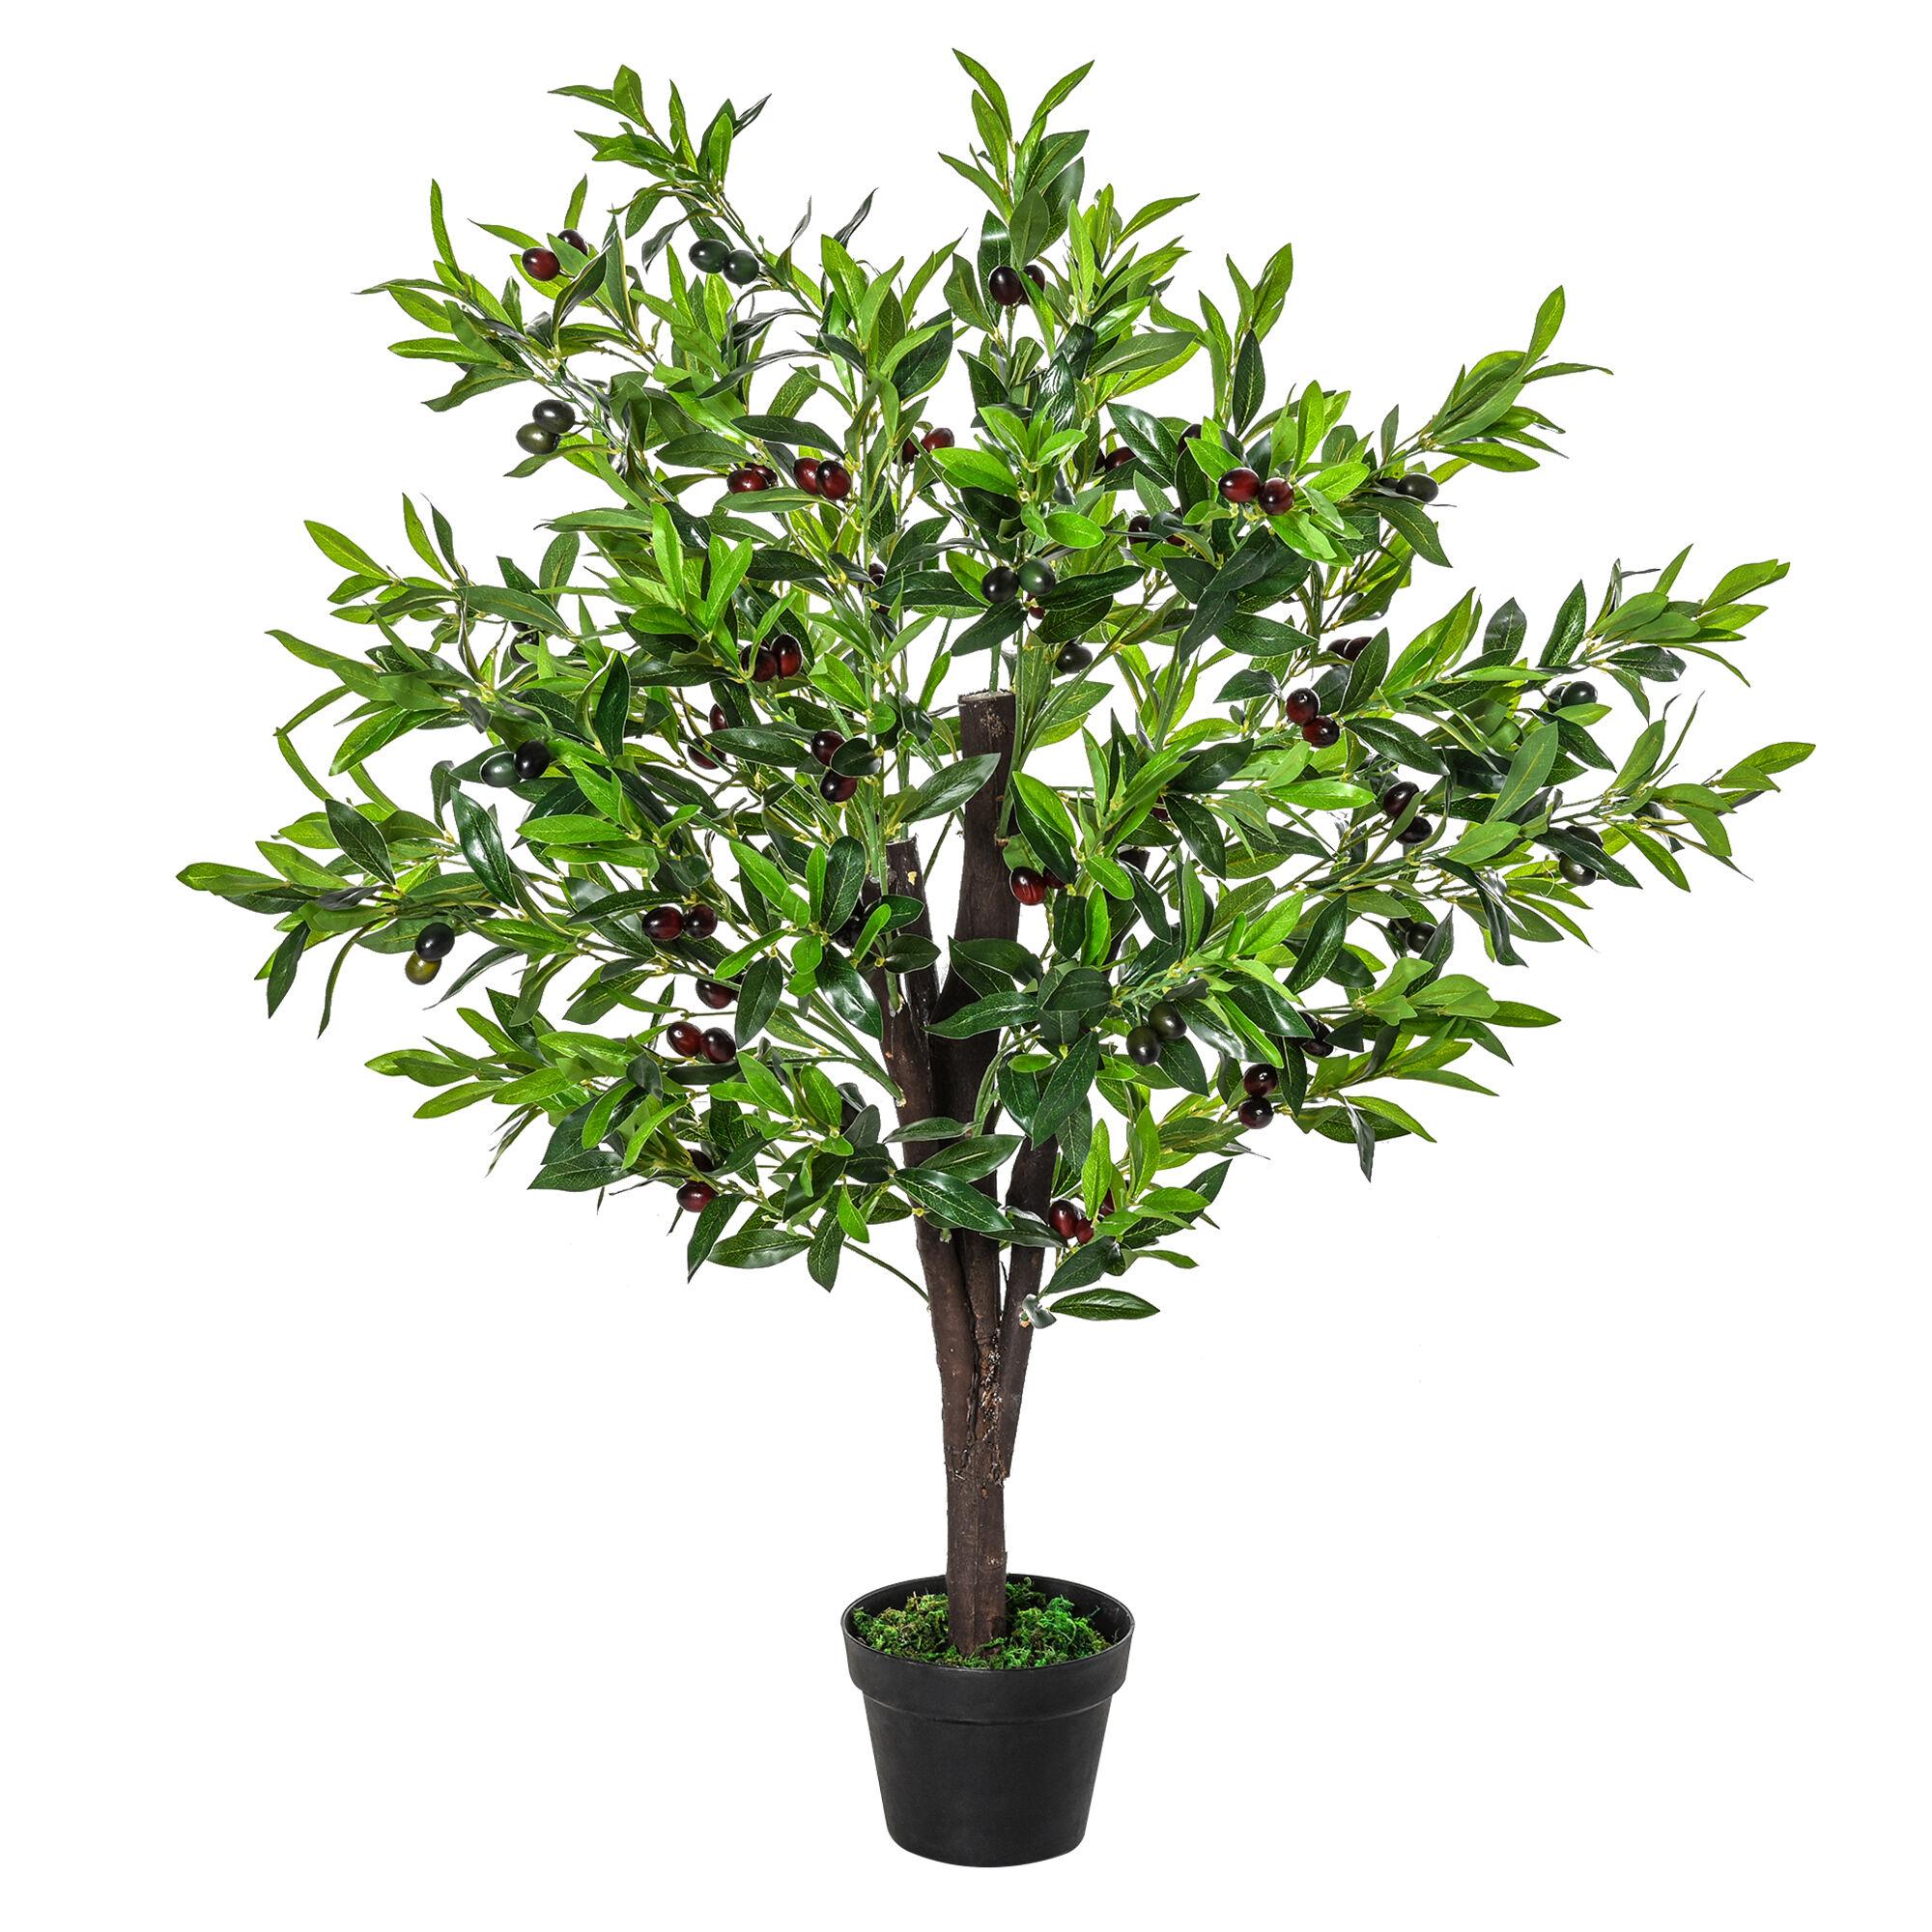 Outsunny Arbre artificiel olivier H1,2m